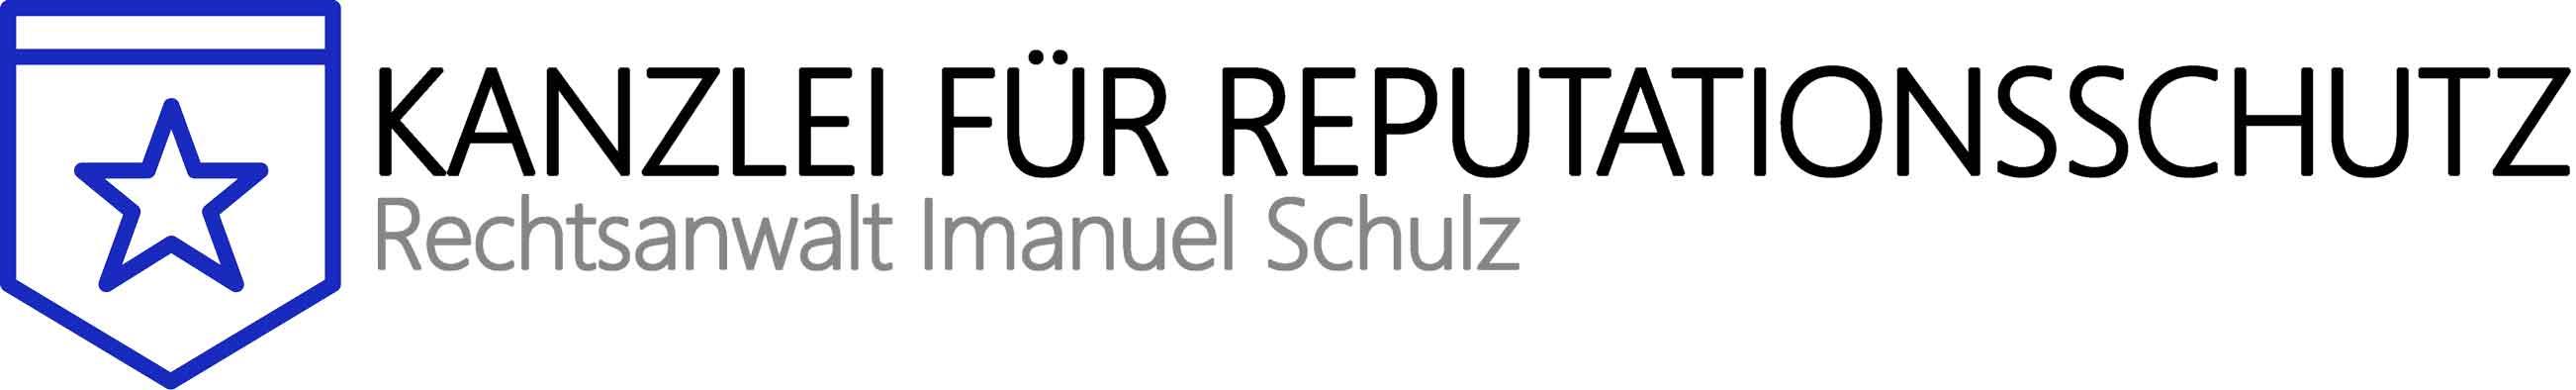 deine-bewertung-loeschen.de